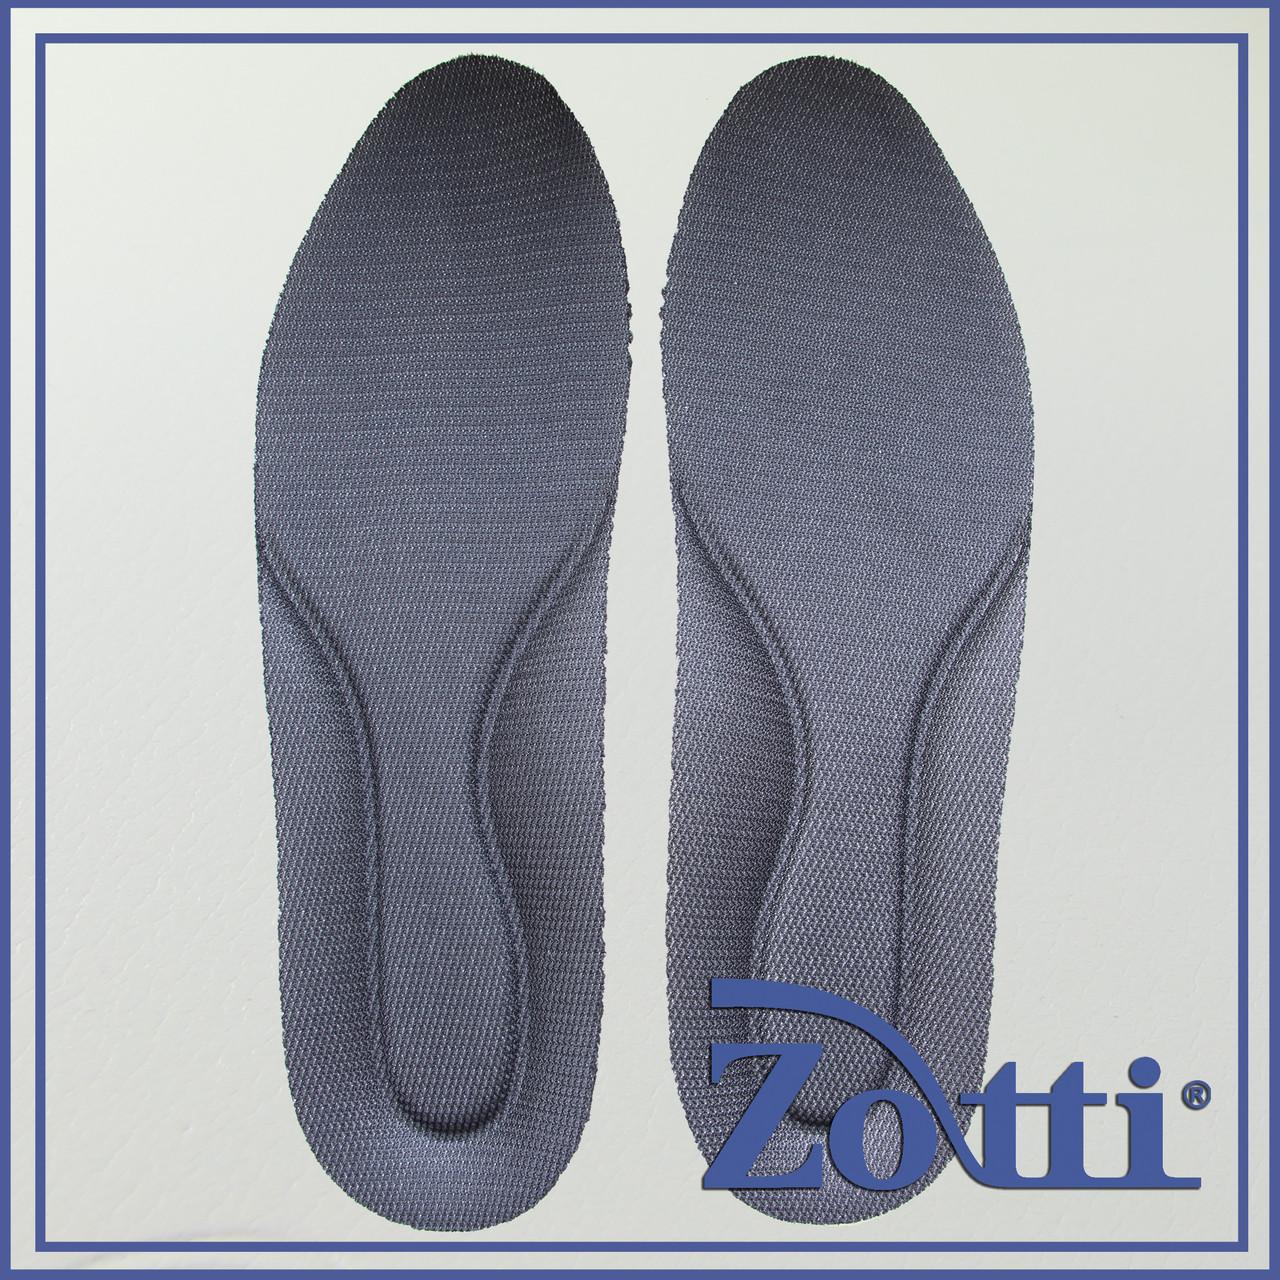 Стельки полиуретановые для спортивной обуви (кроссовочные стельки). (Турция)